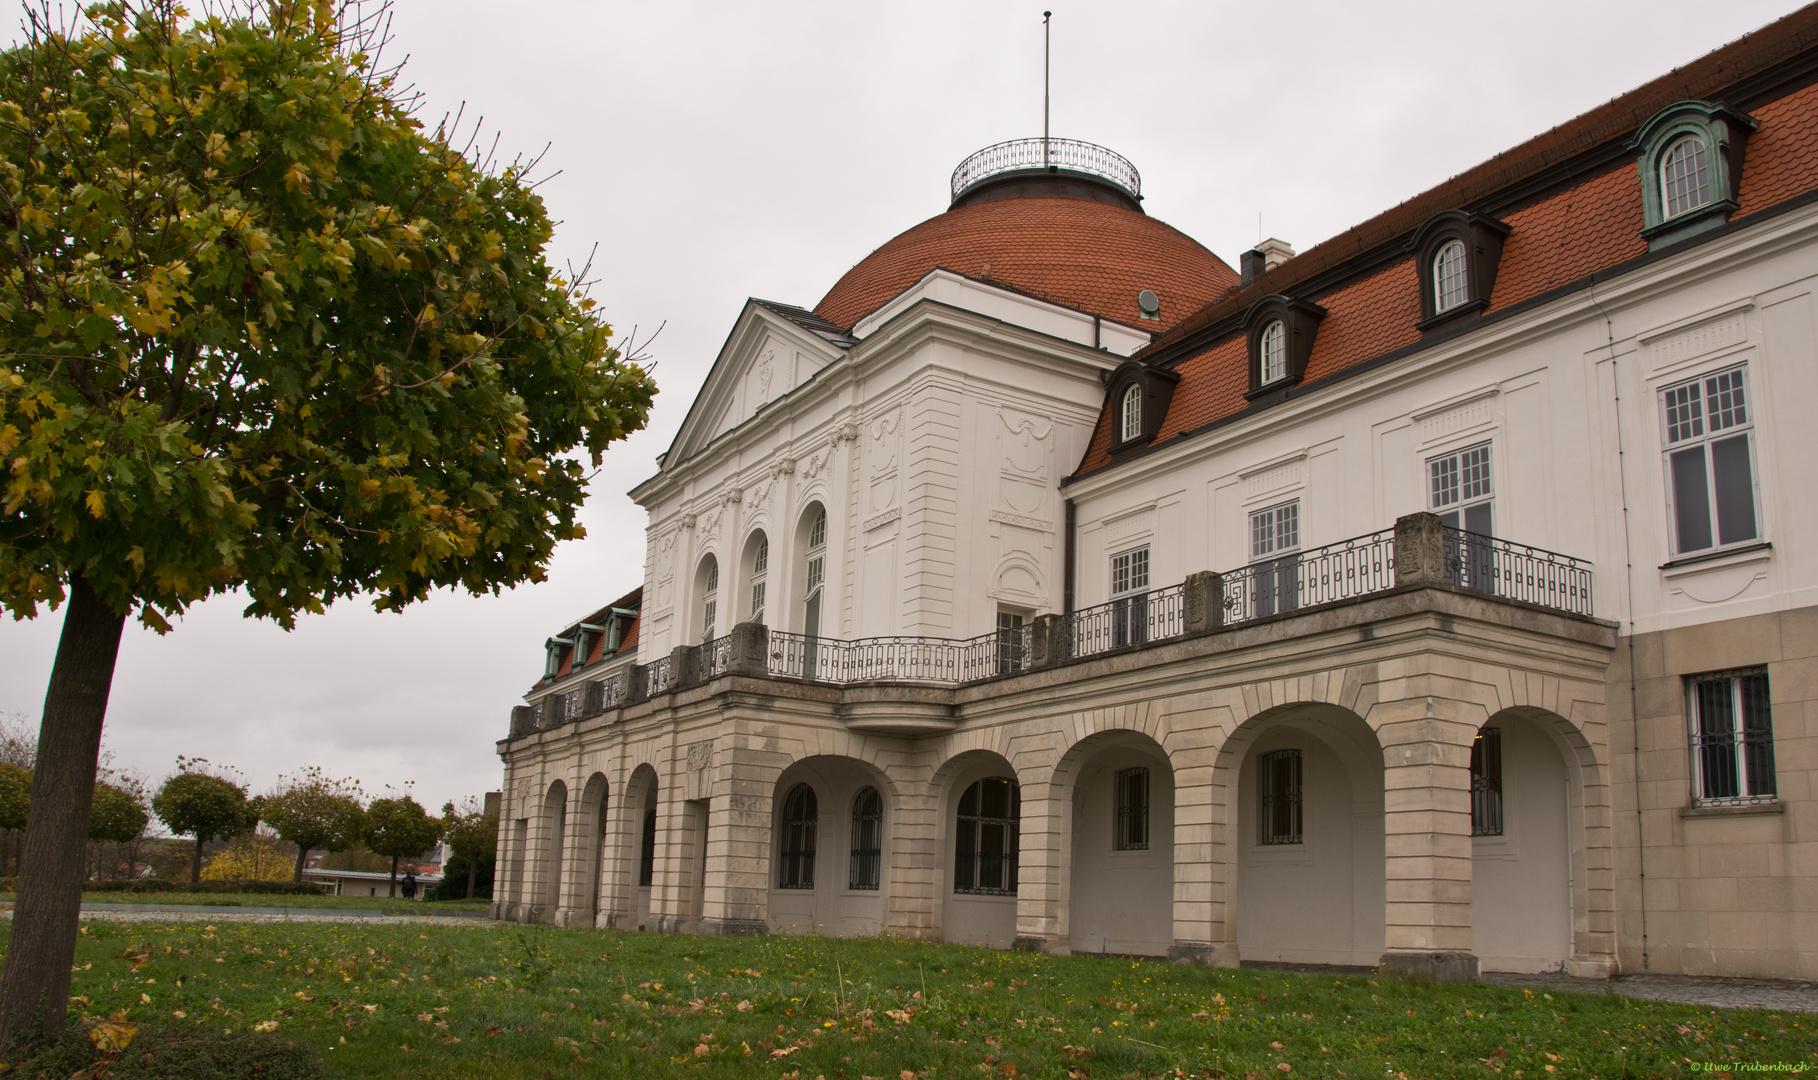 Das Schiller-Nationalmuseum in Marbach